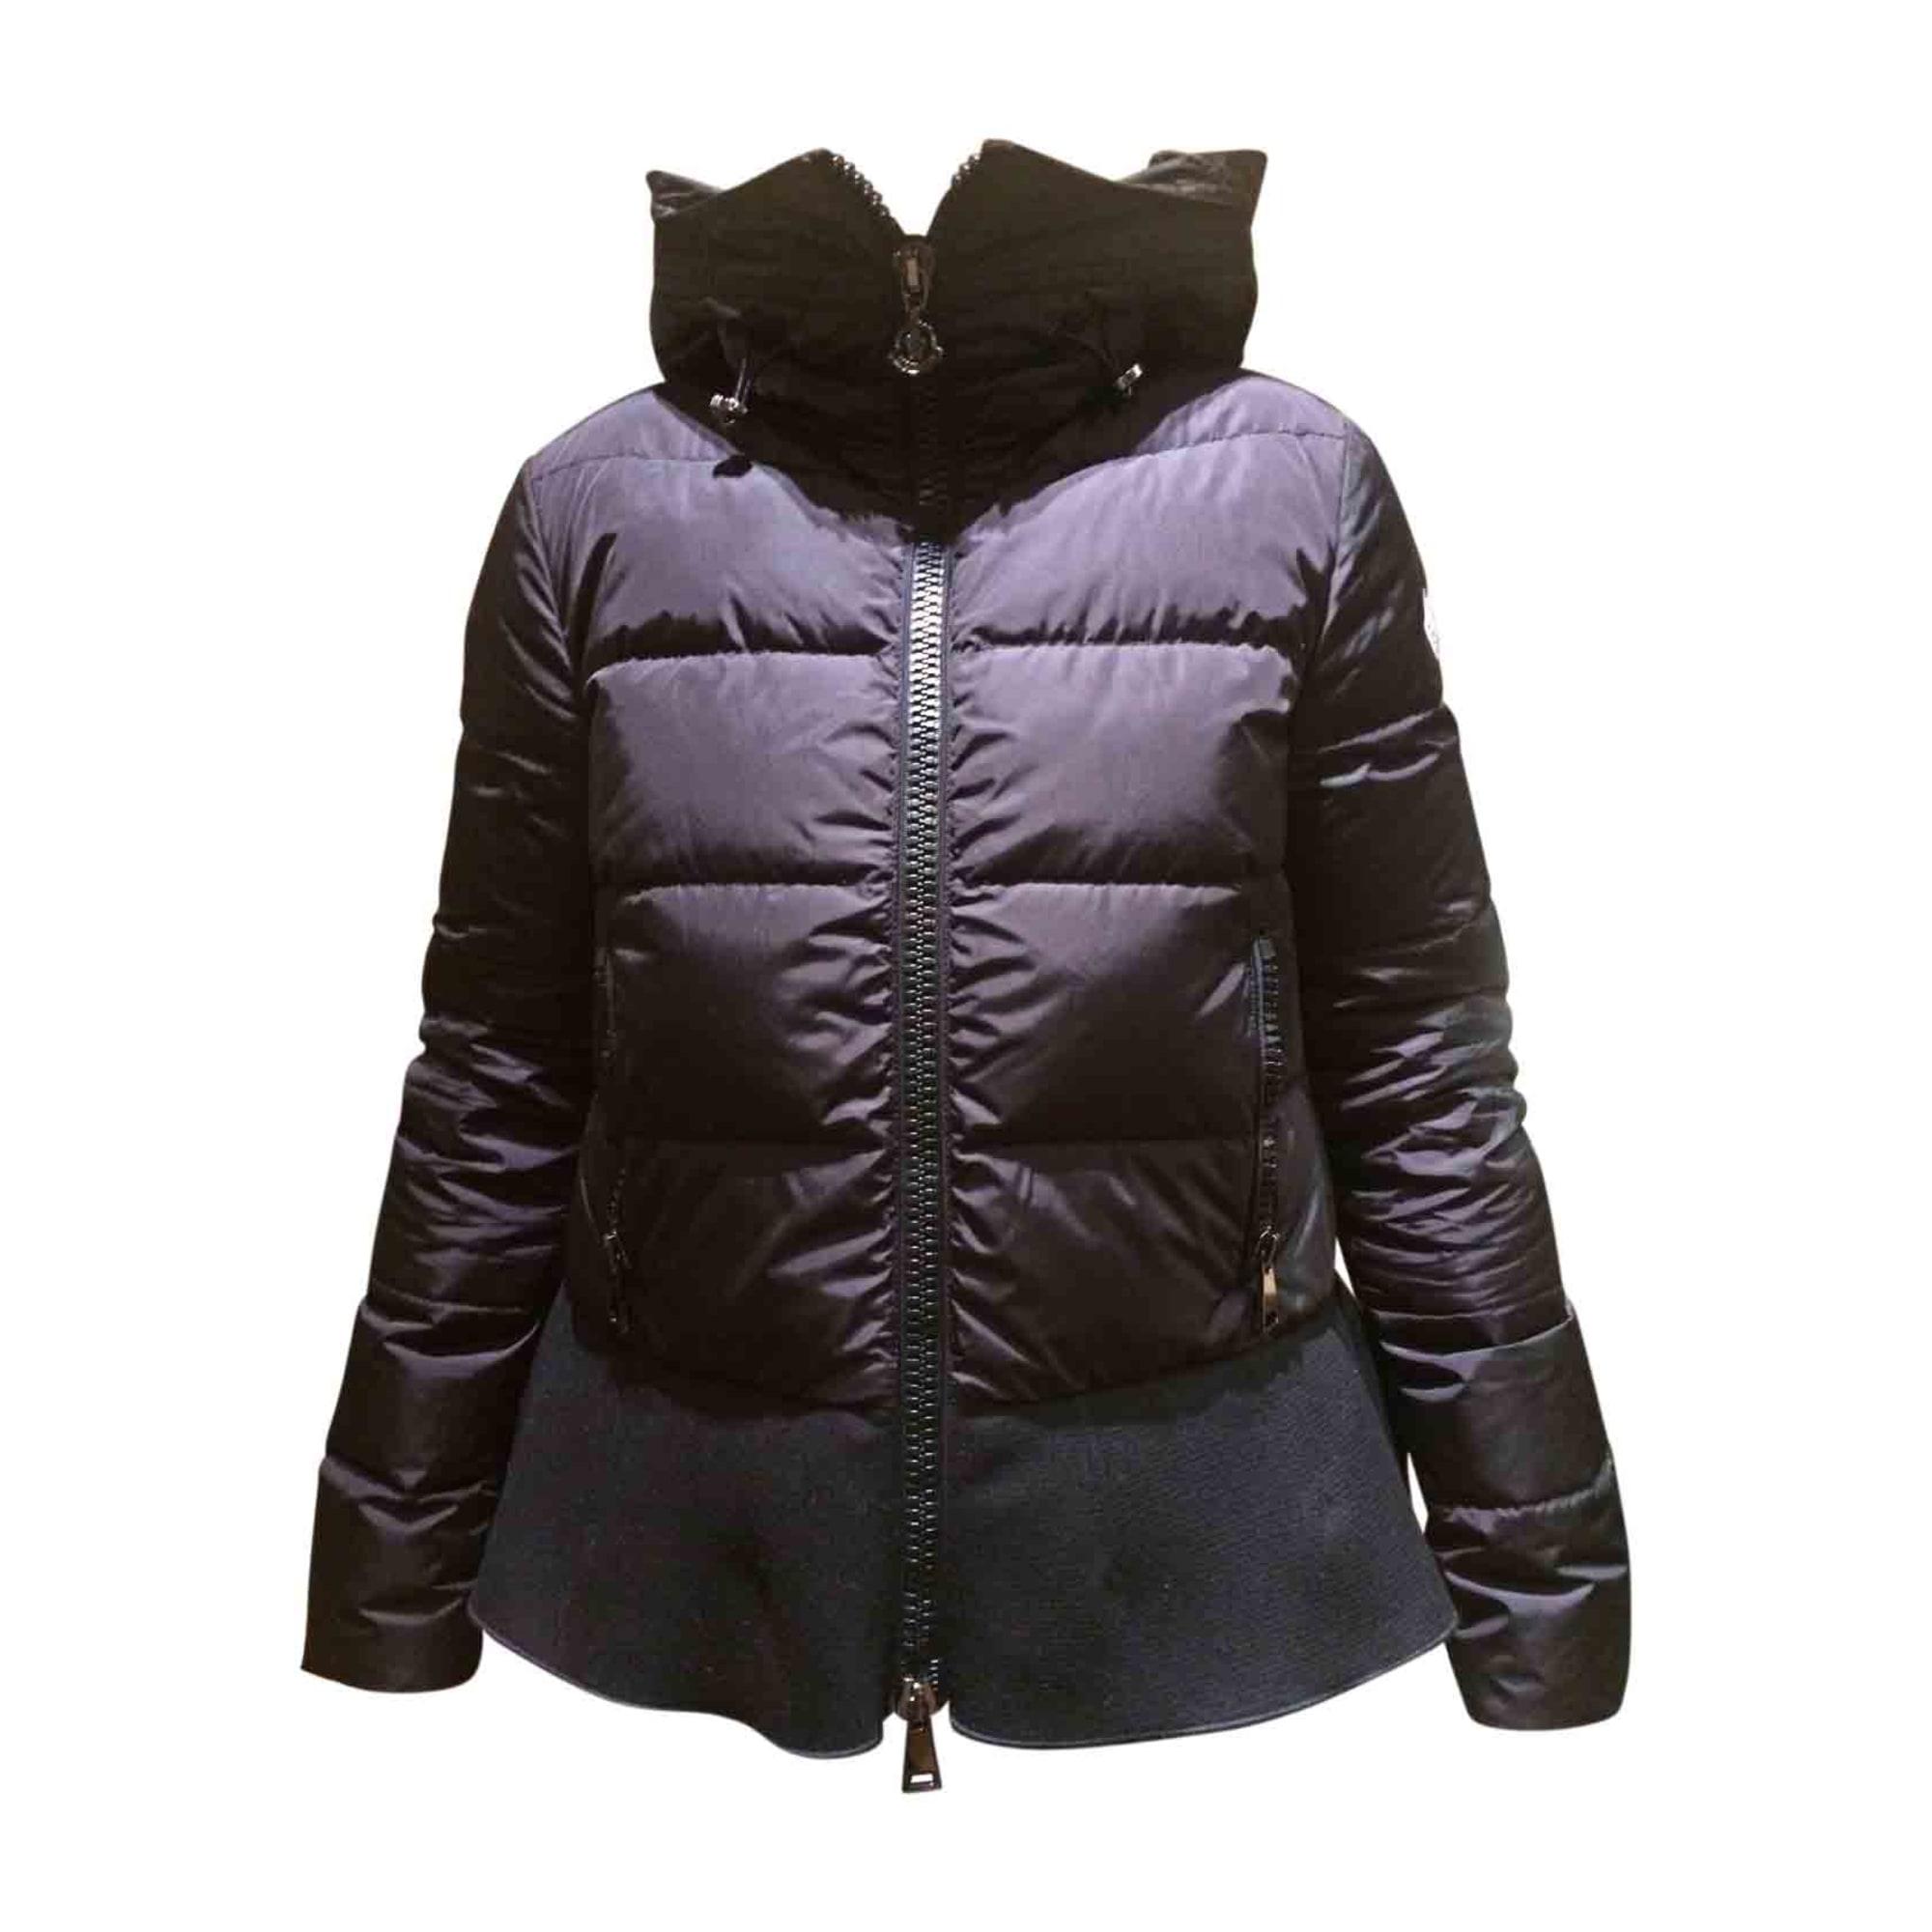 2475deb75875 Doudoune MONCLER 38 (M, T2) noir vendu par Caroline 6147 - 7045851